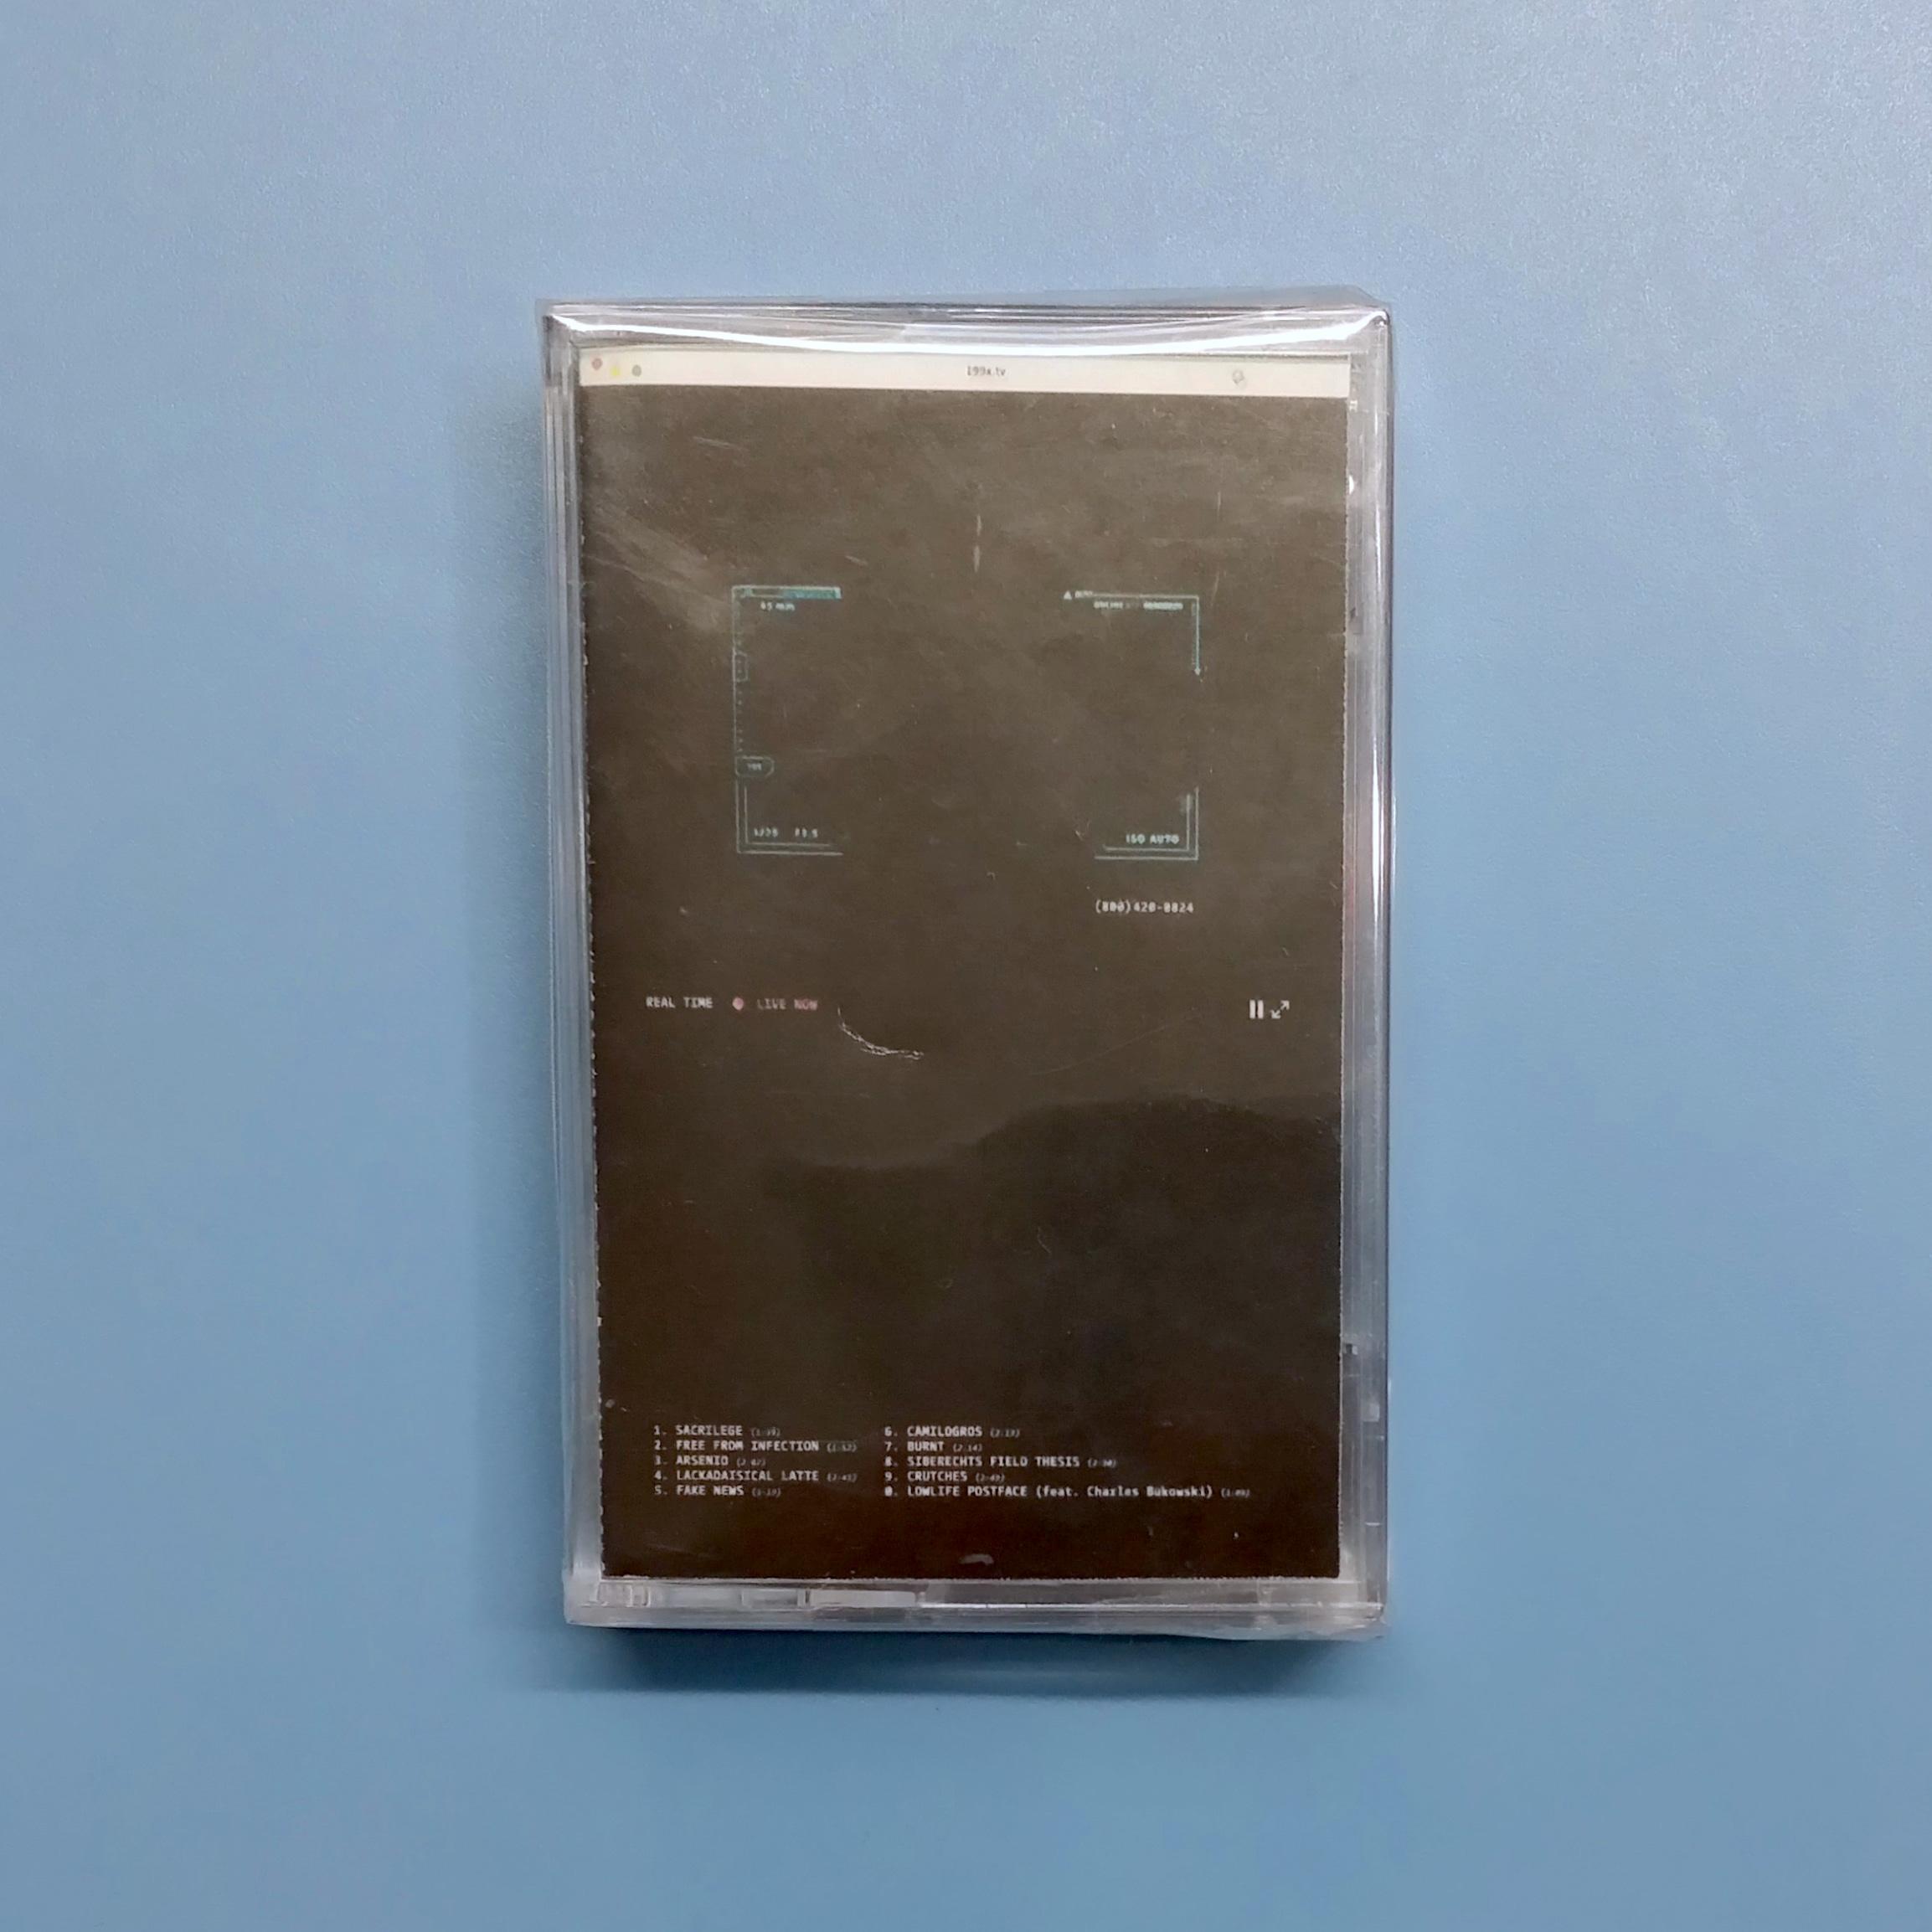 1 9 9 X - (800) 420-0824 (Analog Amigo Records)